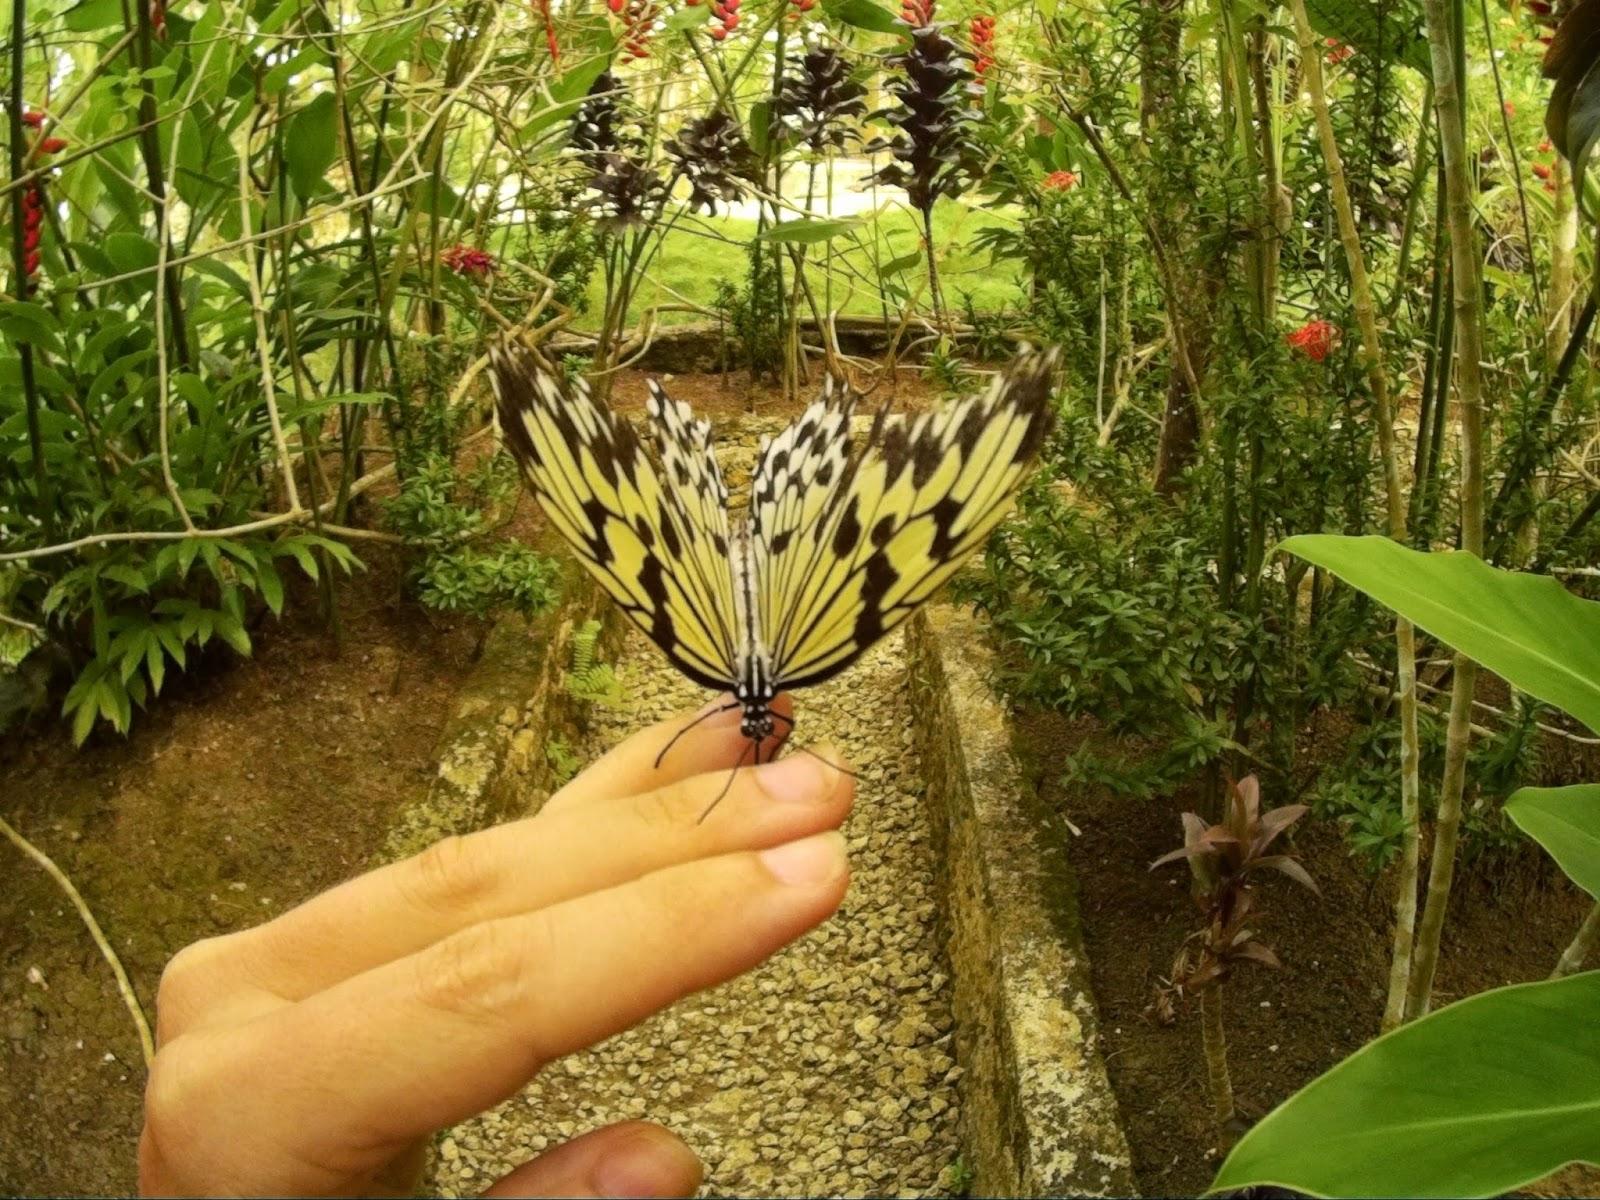 Maleński ogród botaniczny i jego mieszkańcy - motyle